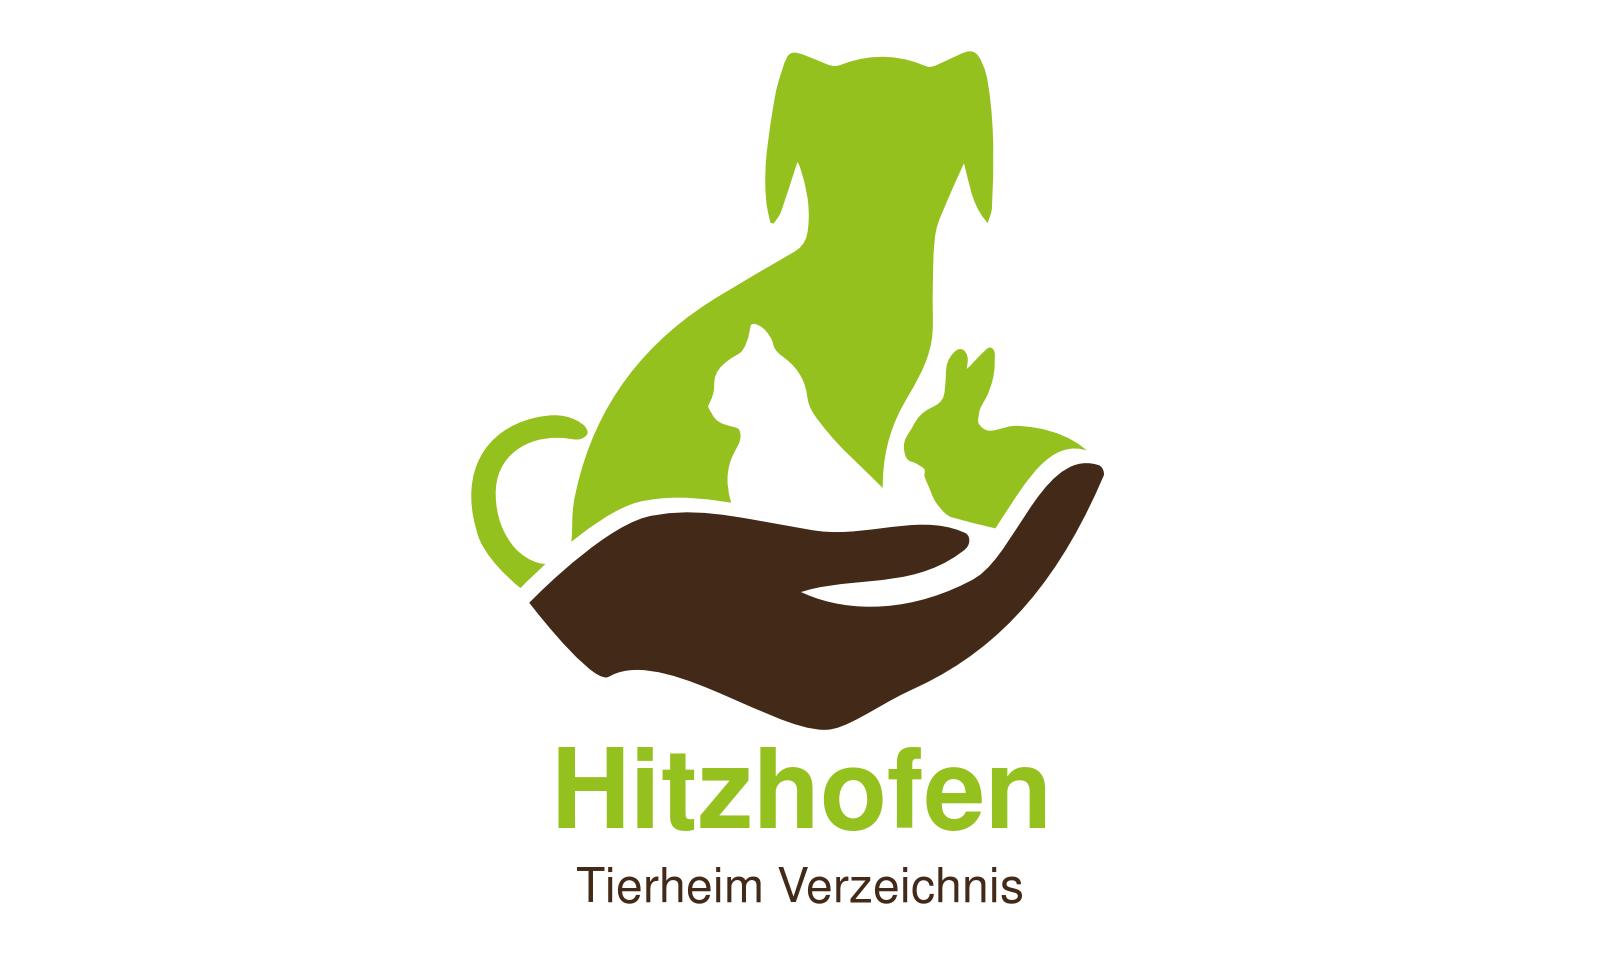 Tierheim Hitzhofen